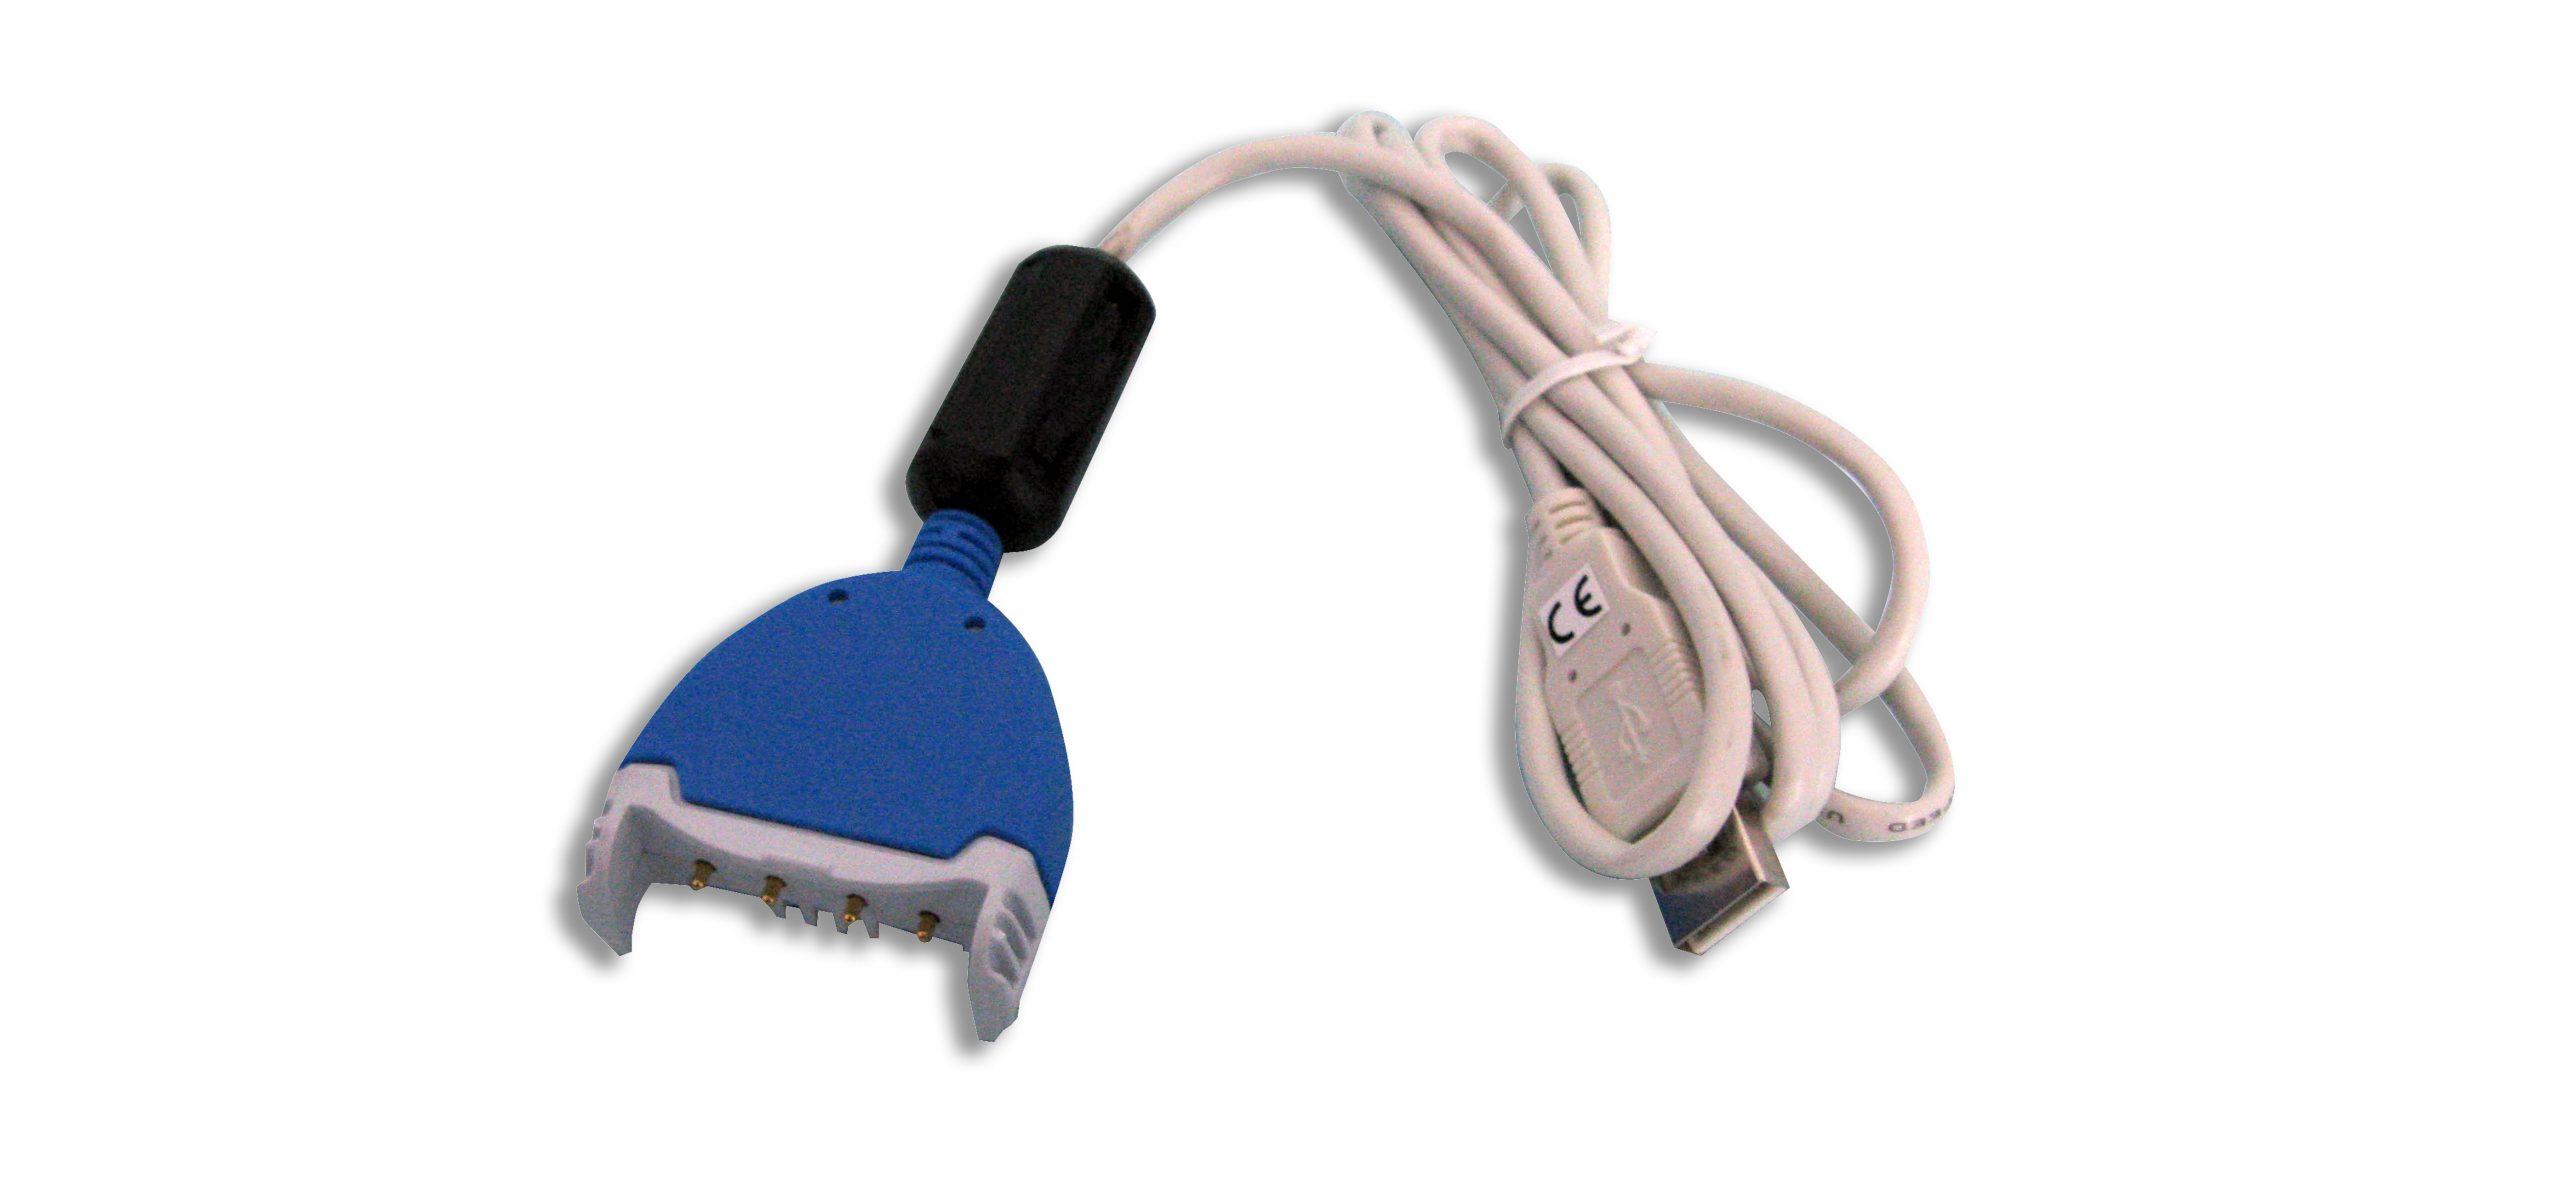 Heartsine Data Cable